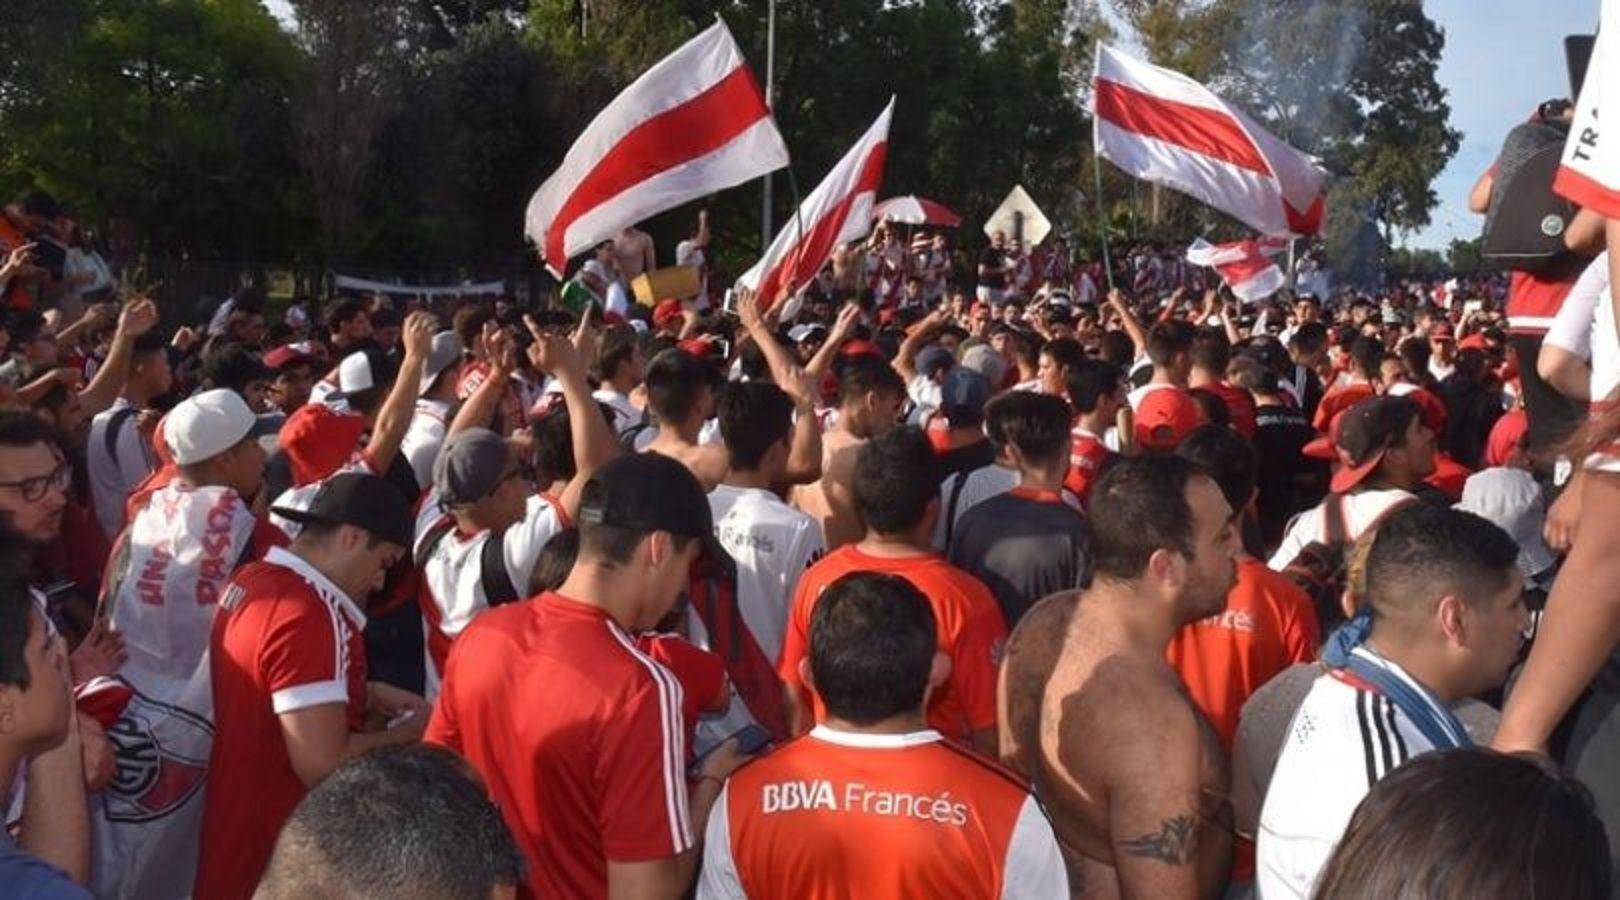 Los hinchas de River manifestarán su bronca con un banderazo en el Monumental